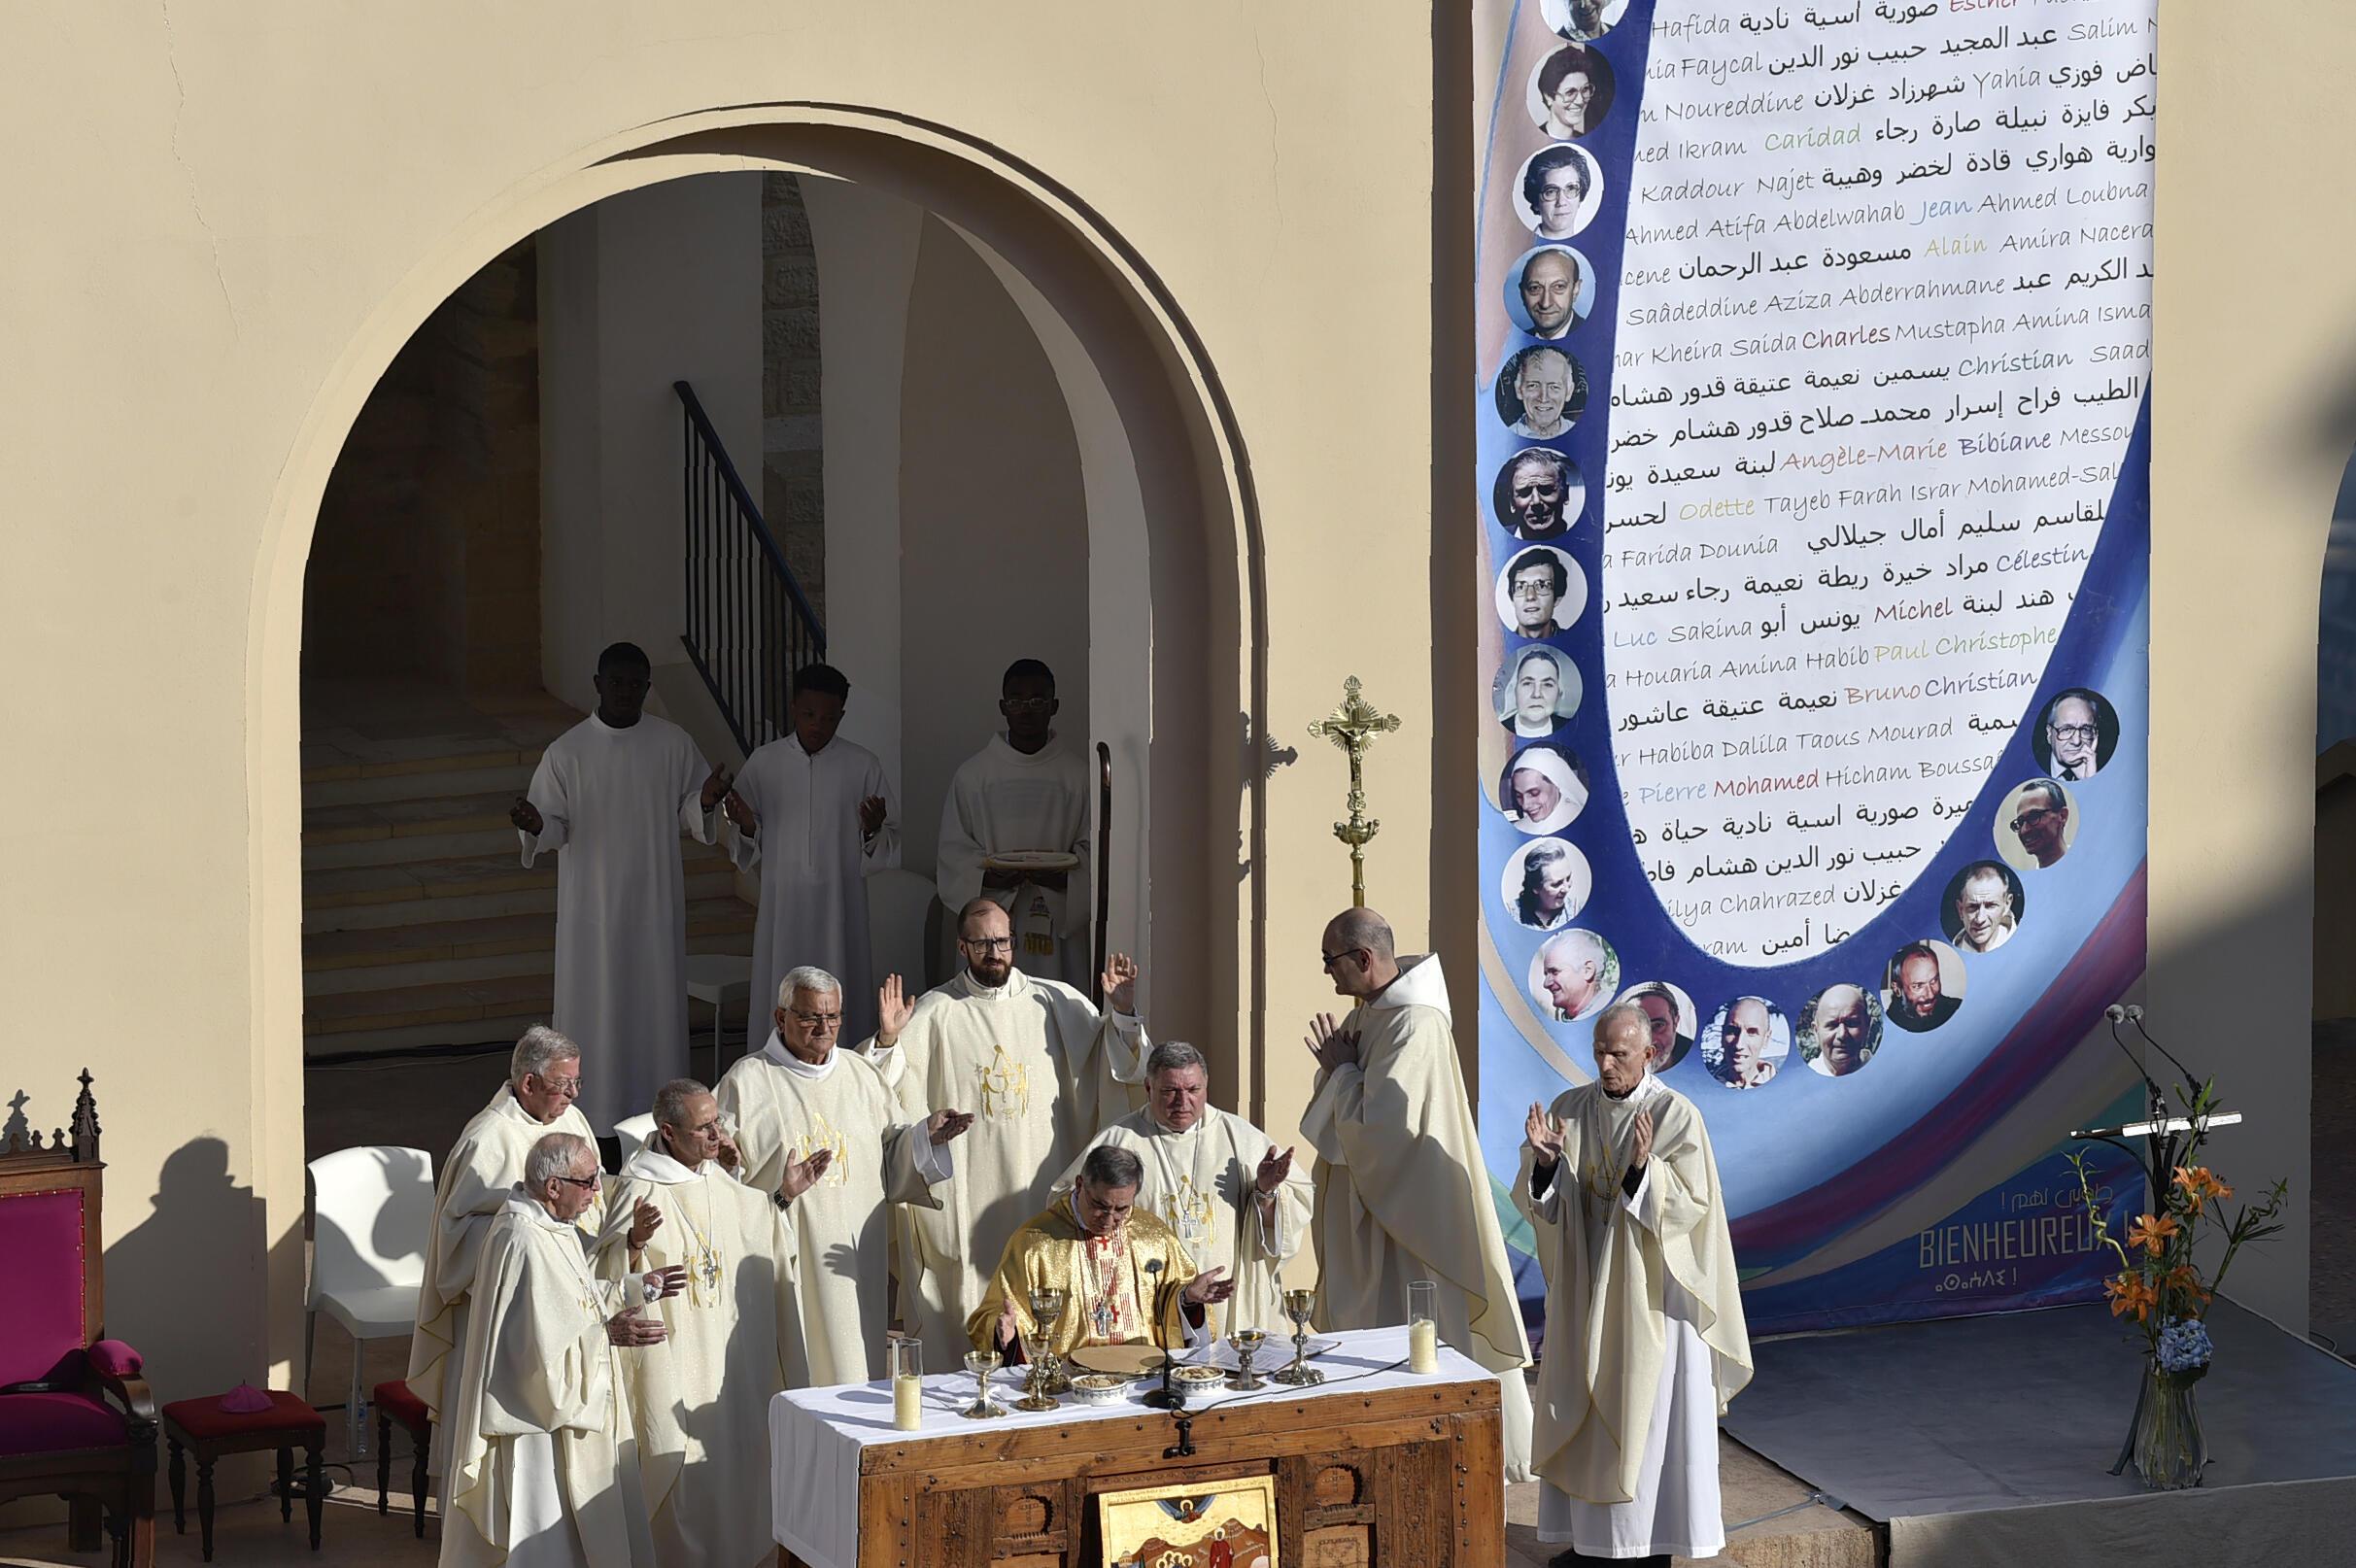 L'envoyé du pape, le cardinal Angelo Becciu, lors de la béatification de 19 religieux tués entre 1994 et 1996 en Algérie, dont les sept moines de Tibéhirine, à Oran, le 8 décembre 2018.